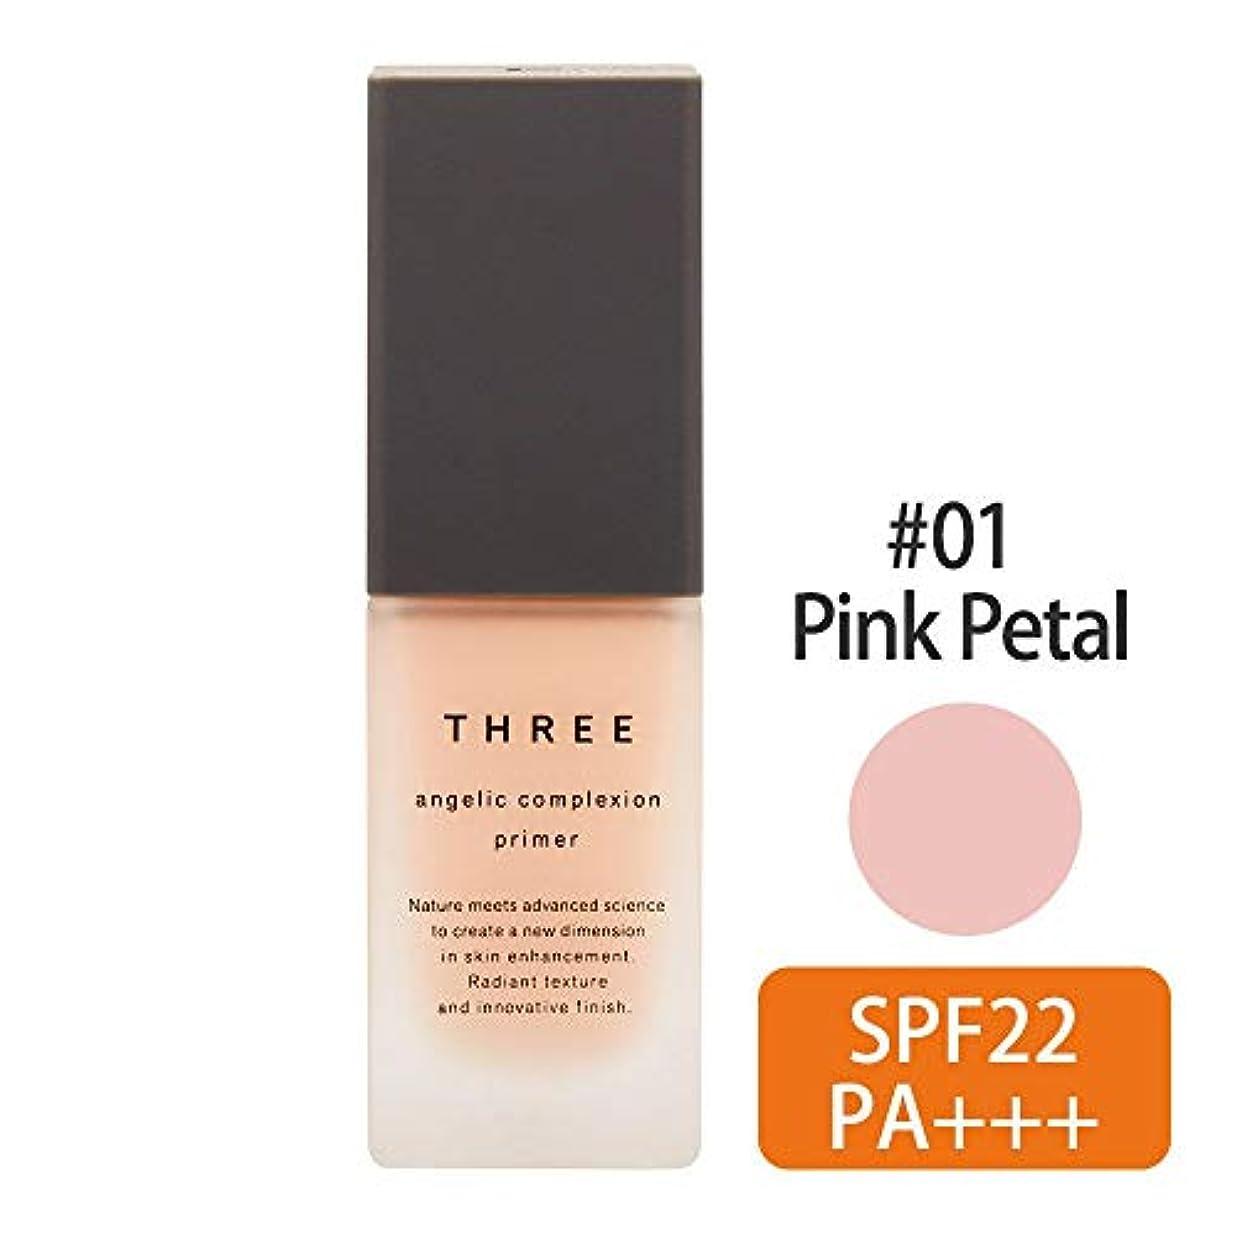 達成する出席サーフィンスリー(THREE) THREE アンジェリックコンプレクションプライマー #01(Pink Petal) 30g [並行輸入品]